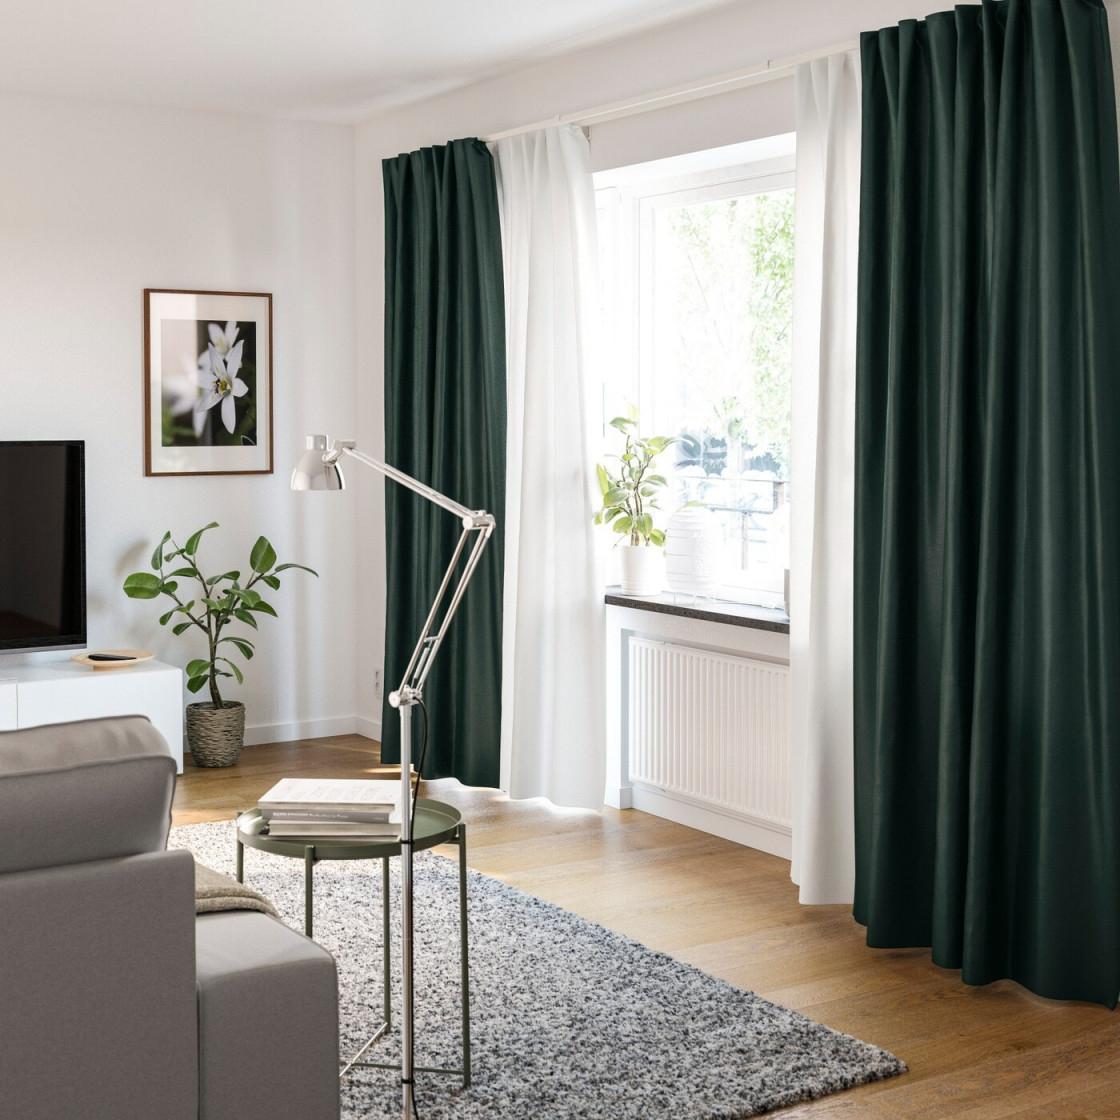 Gardinenideen Inspirationen Für Dein Zuhause  Ikea von Gardinen Wohnzimmer Kurz Bild